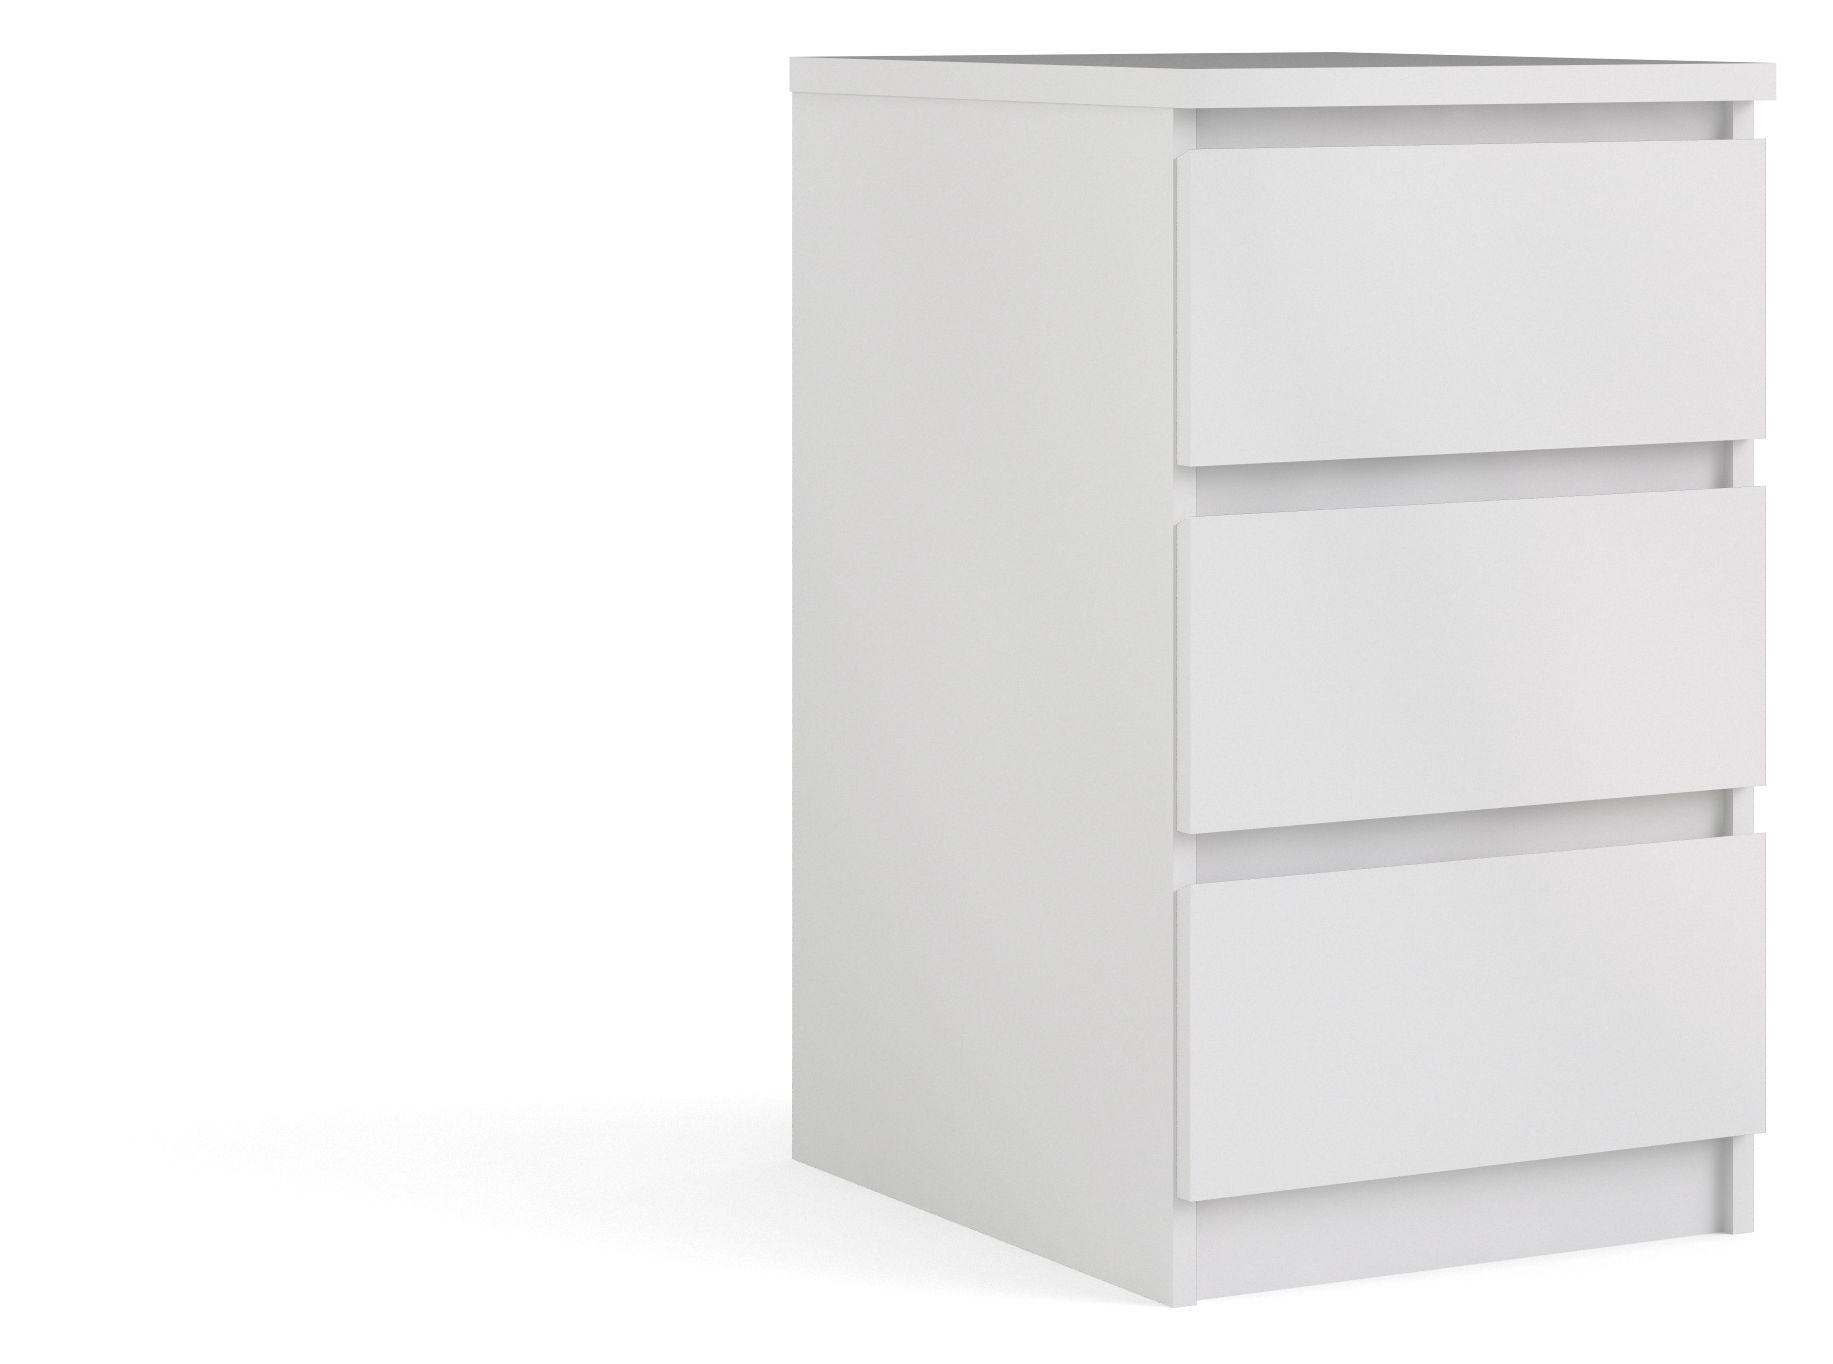 Naia Kommode - Hvid m/3 skuffer B:40 - Lille hvid kommode med grebsfri skuffer